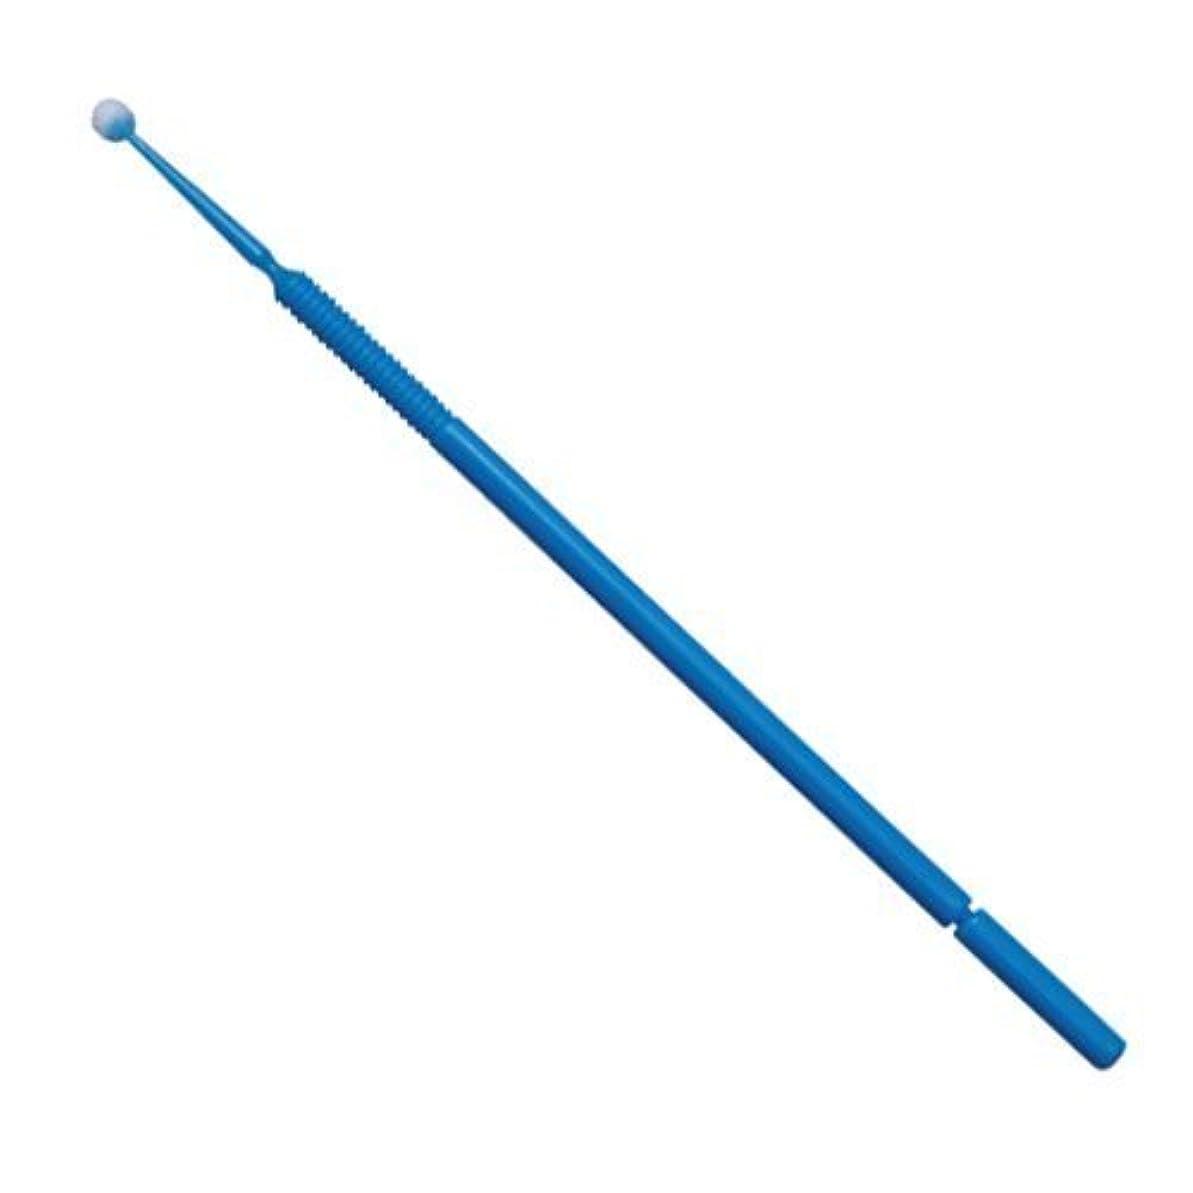 中級地中海士気マイクロアプリケーター(マイクロブラシ) レギュラー:φ2.0mm、ブルー/ 1箱100本